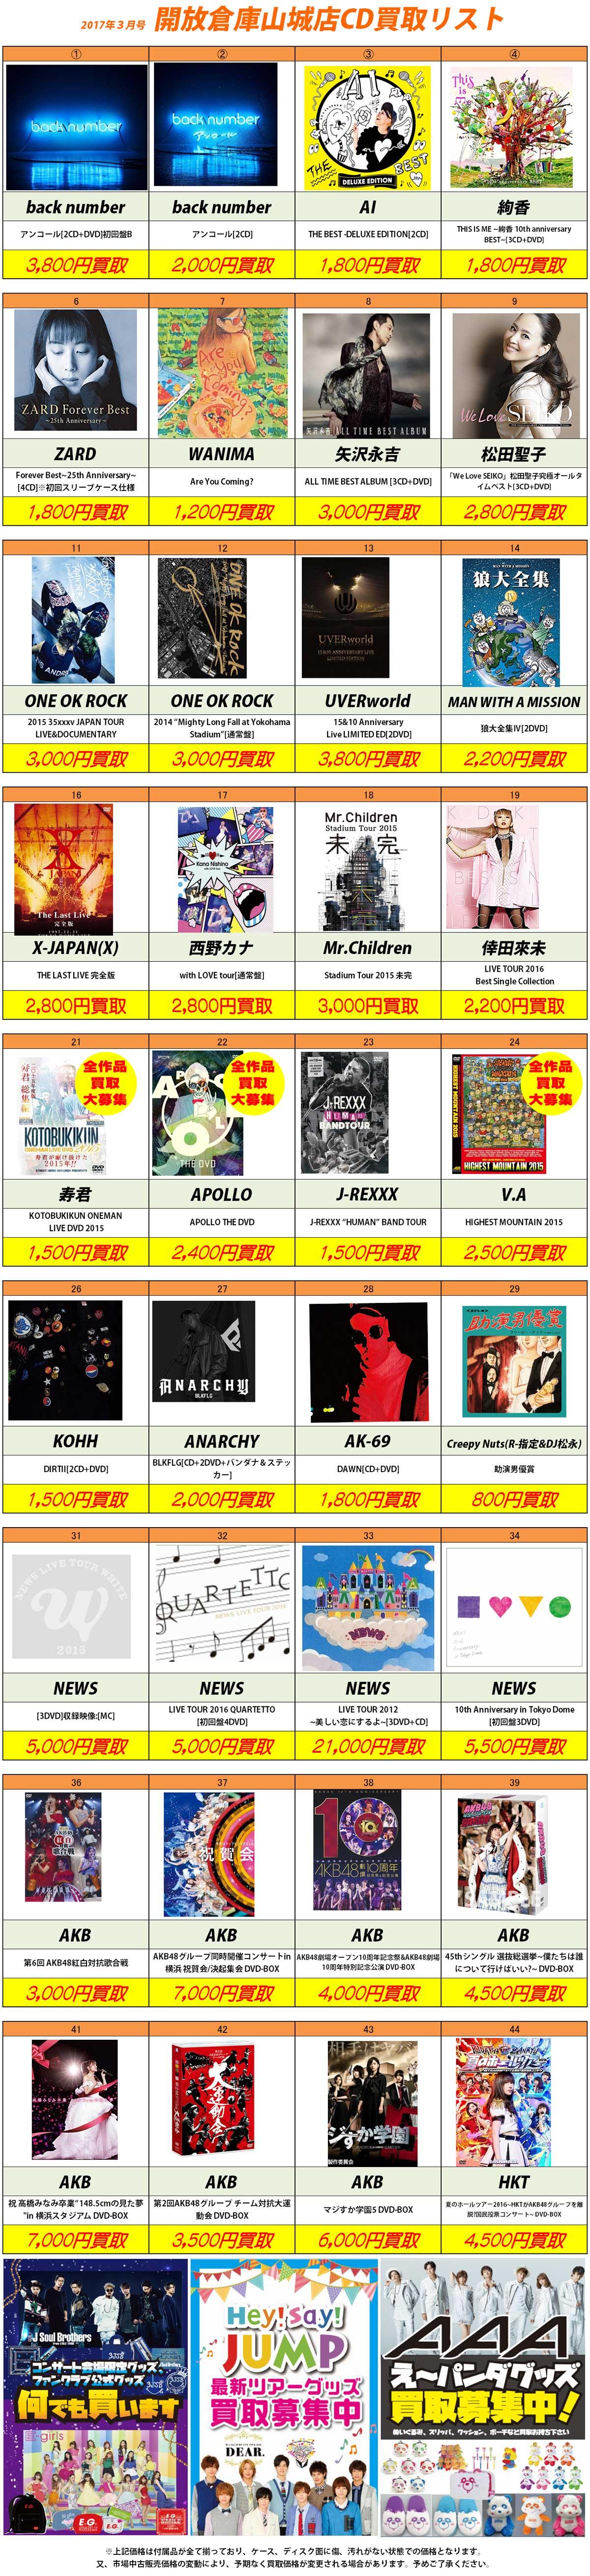 「開放倉庫山城店」2017年3月のCD買取リスト